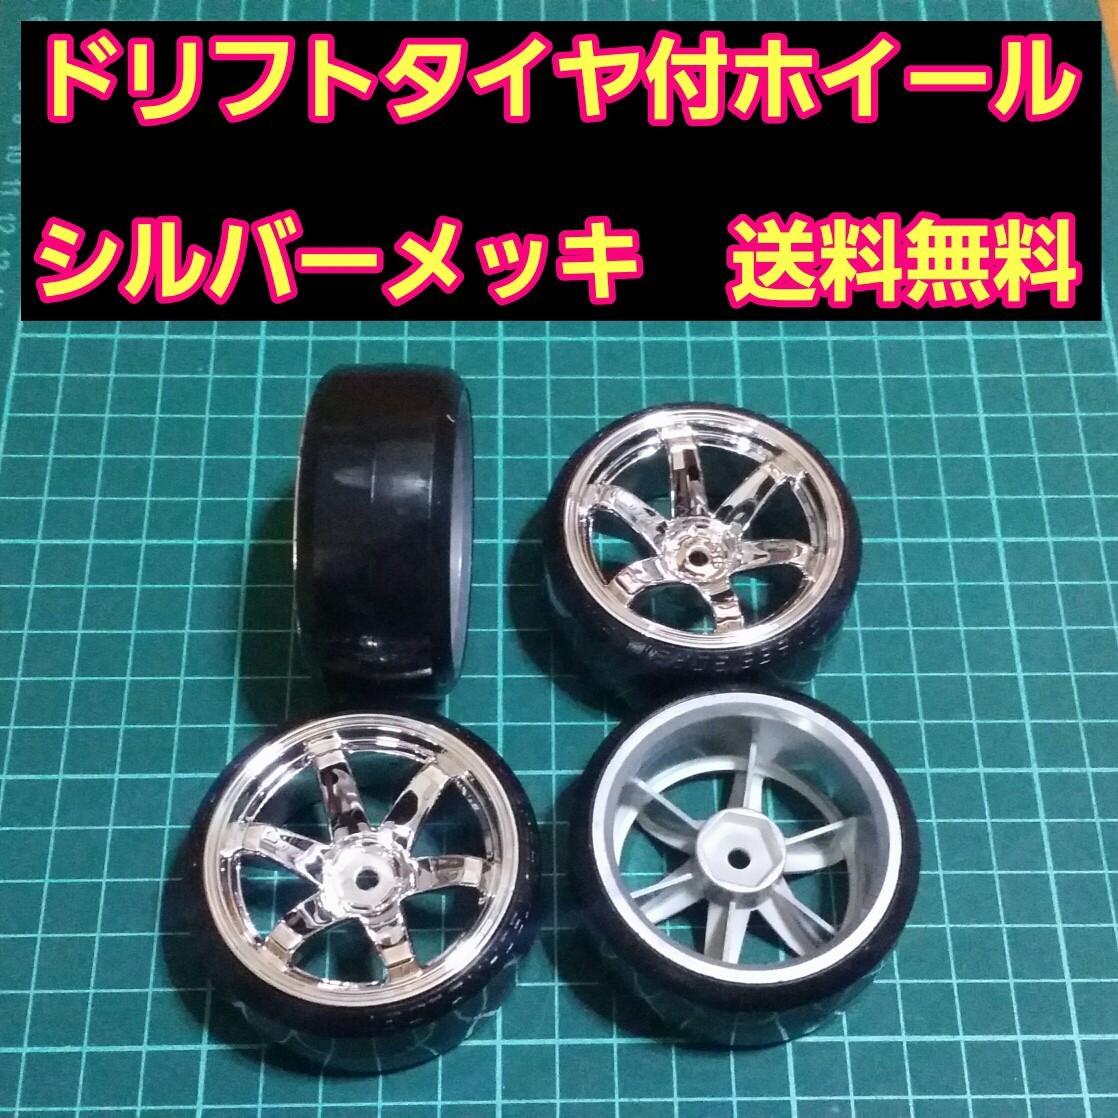 ドリフト タイヤ 付 ホイール シルバーメッキ     ヨコモ タミヤ ラジコン